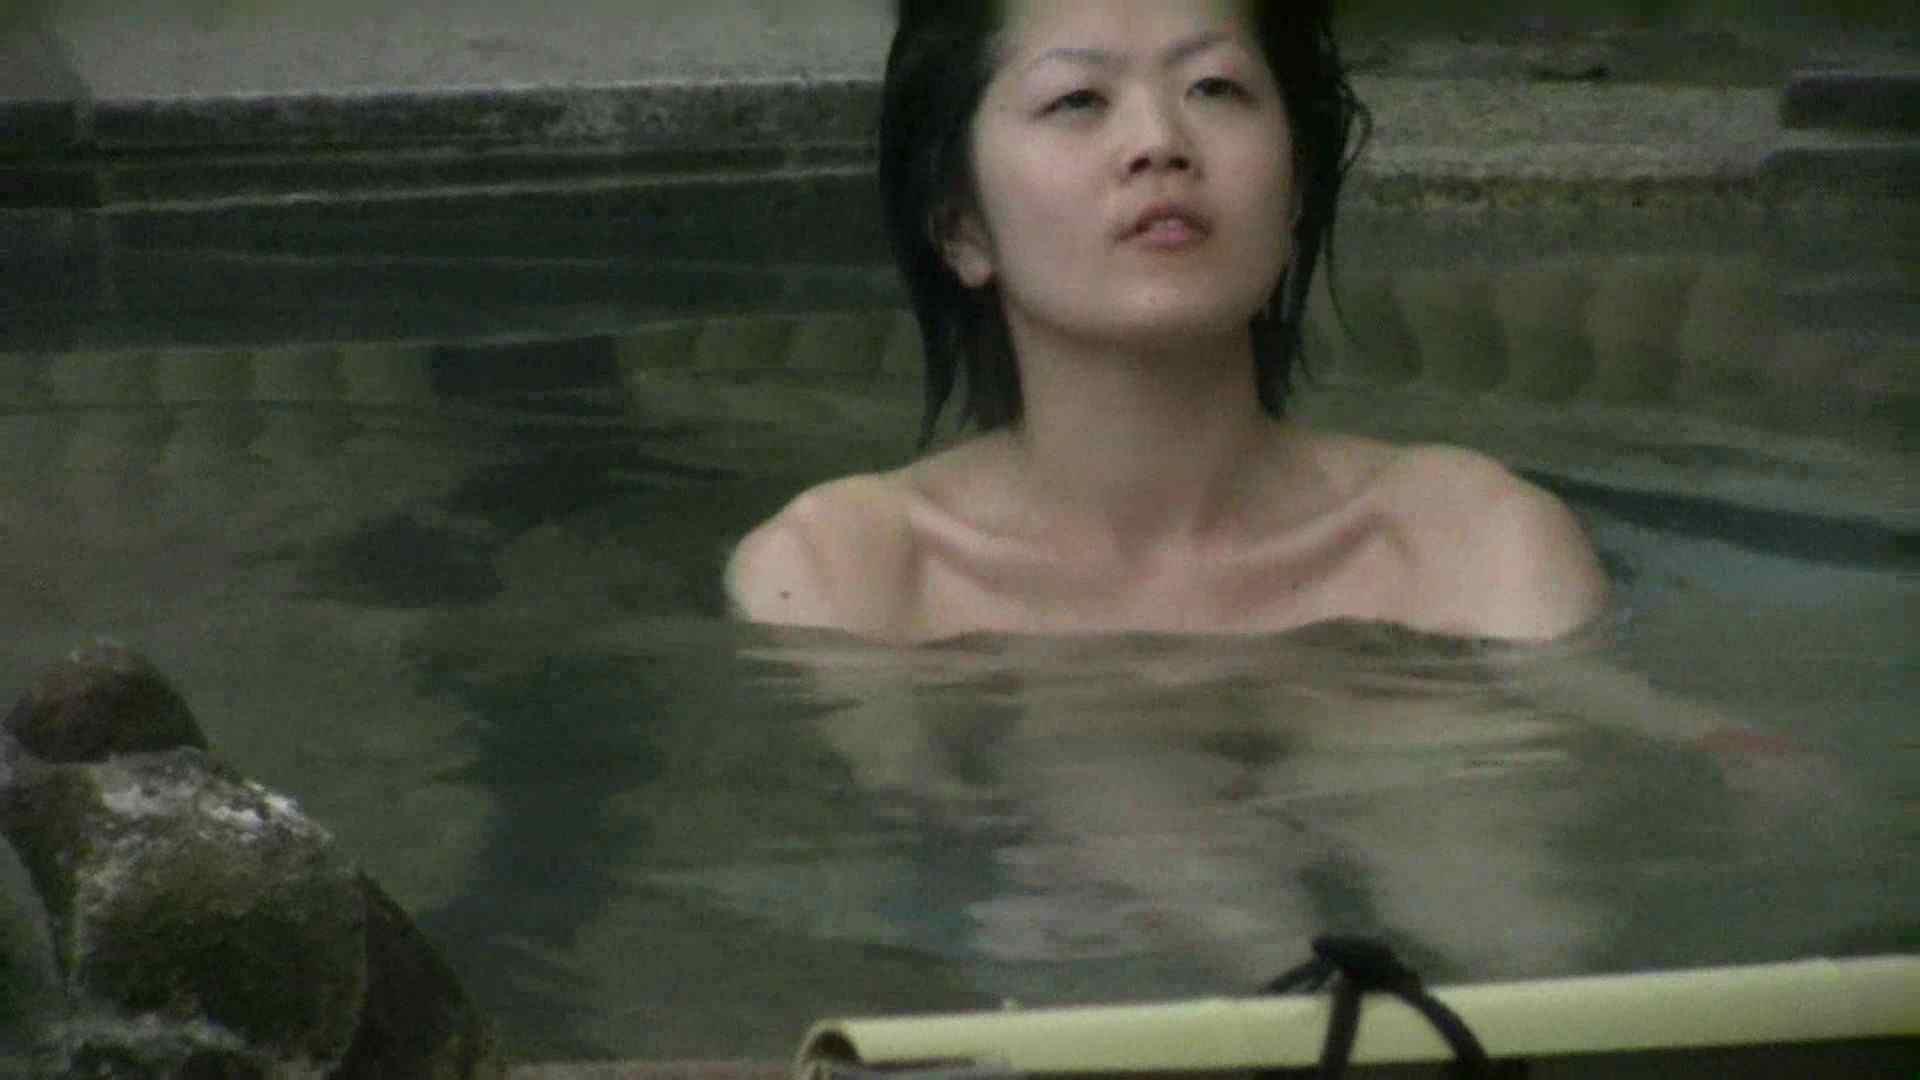 Aquaな露天風呂Vol.538 OLのエロ生活   盗撮  90連発 76